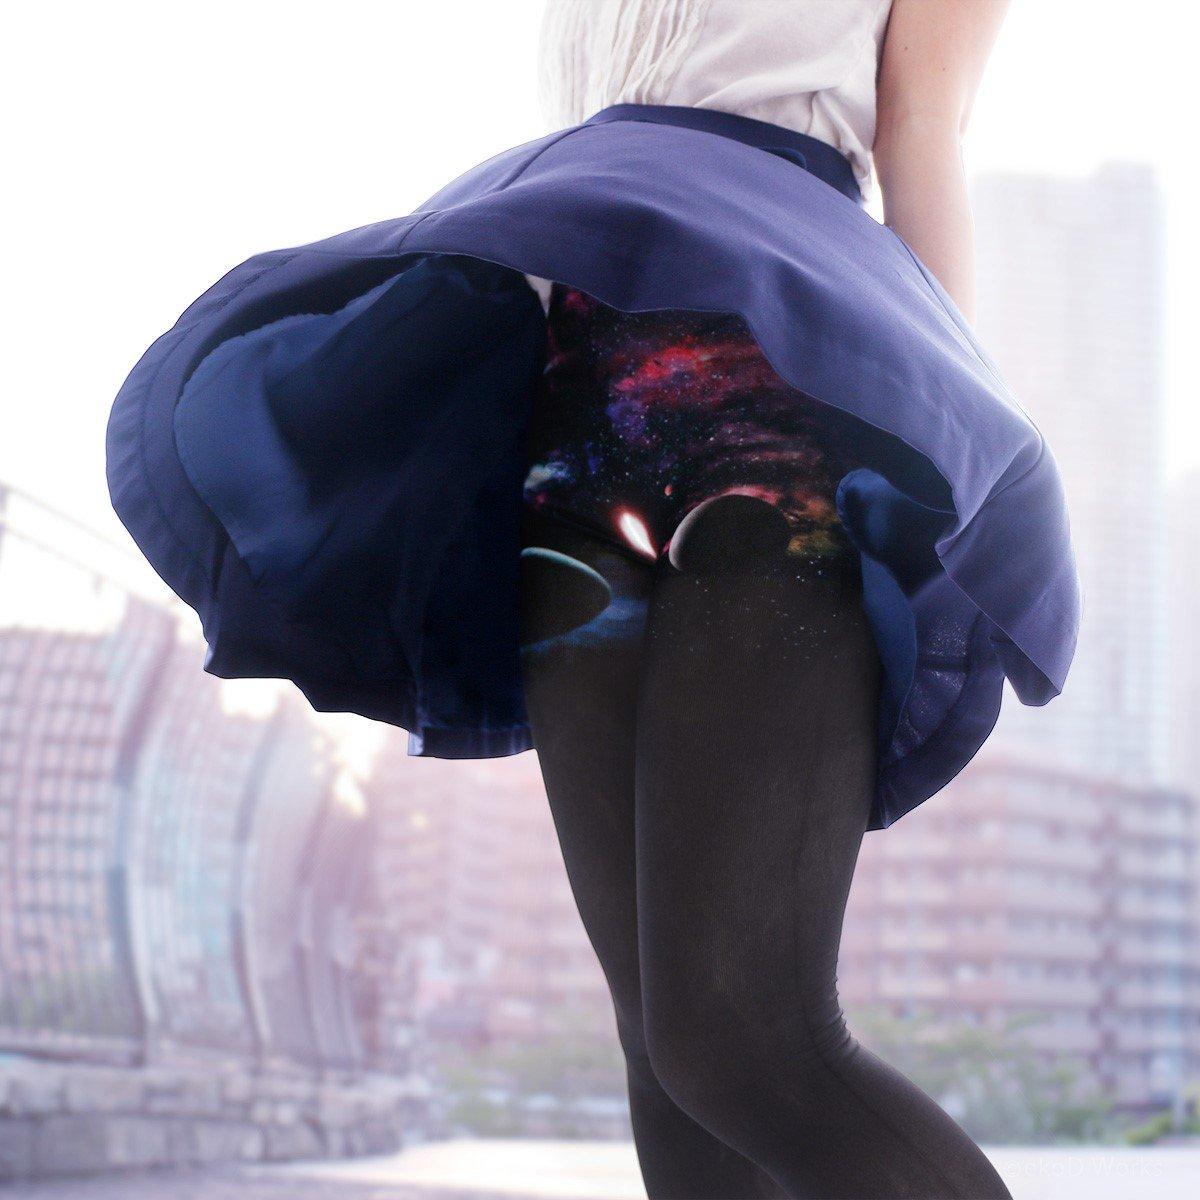 """風吹けば、宇宙。  """"オトナの浪漫タイツ""""完成。 https://t.co/cXJ4UrWgVA その装いは一見ごく普通の無地タイツ。さわやかな風が吹き抜けると、スカートの裾から胸おどる宇宙が広がります。新感覚の浪漫体験をあなたへ。 https://t.co/FDDINdN555"""